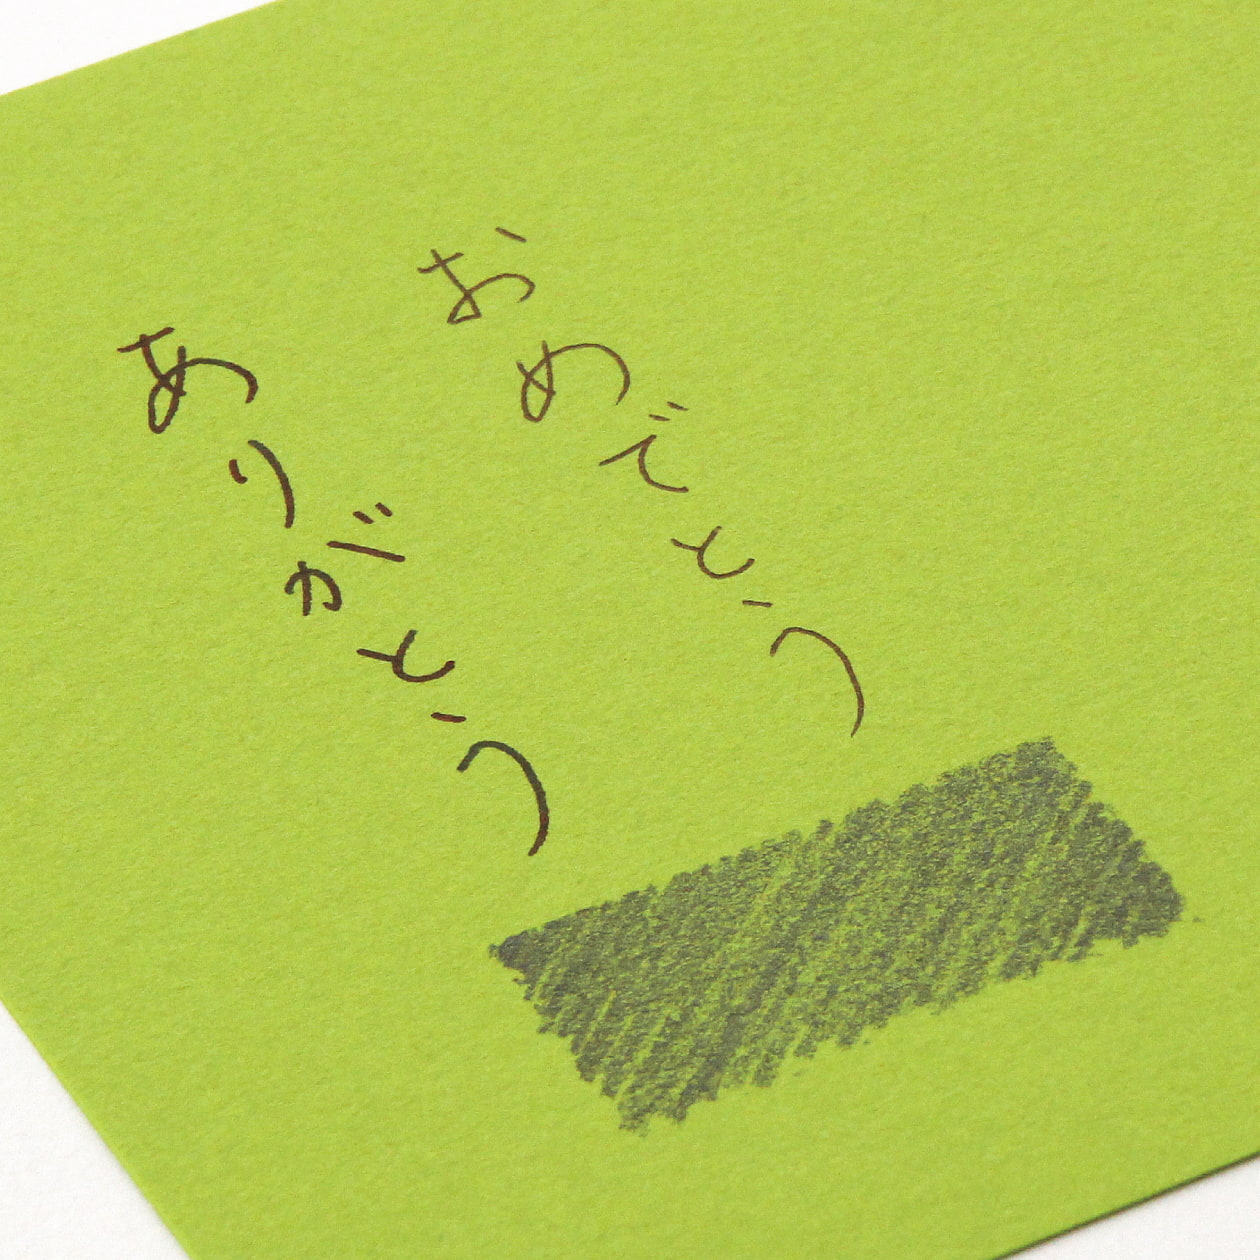 Pカード コットン(NTラシャ) 黄緑 151.2g